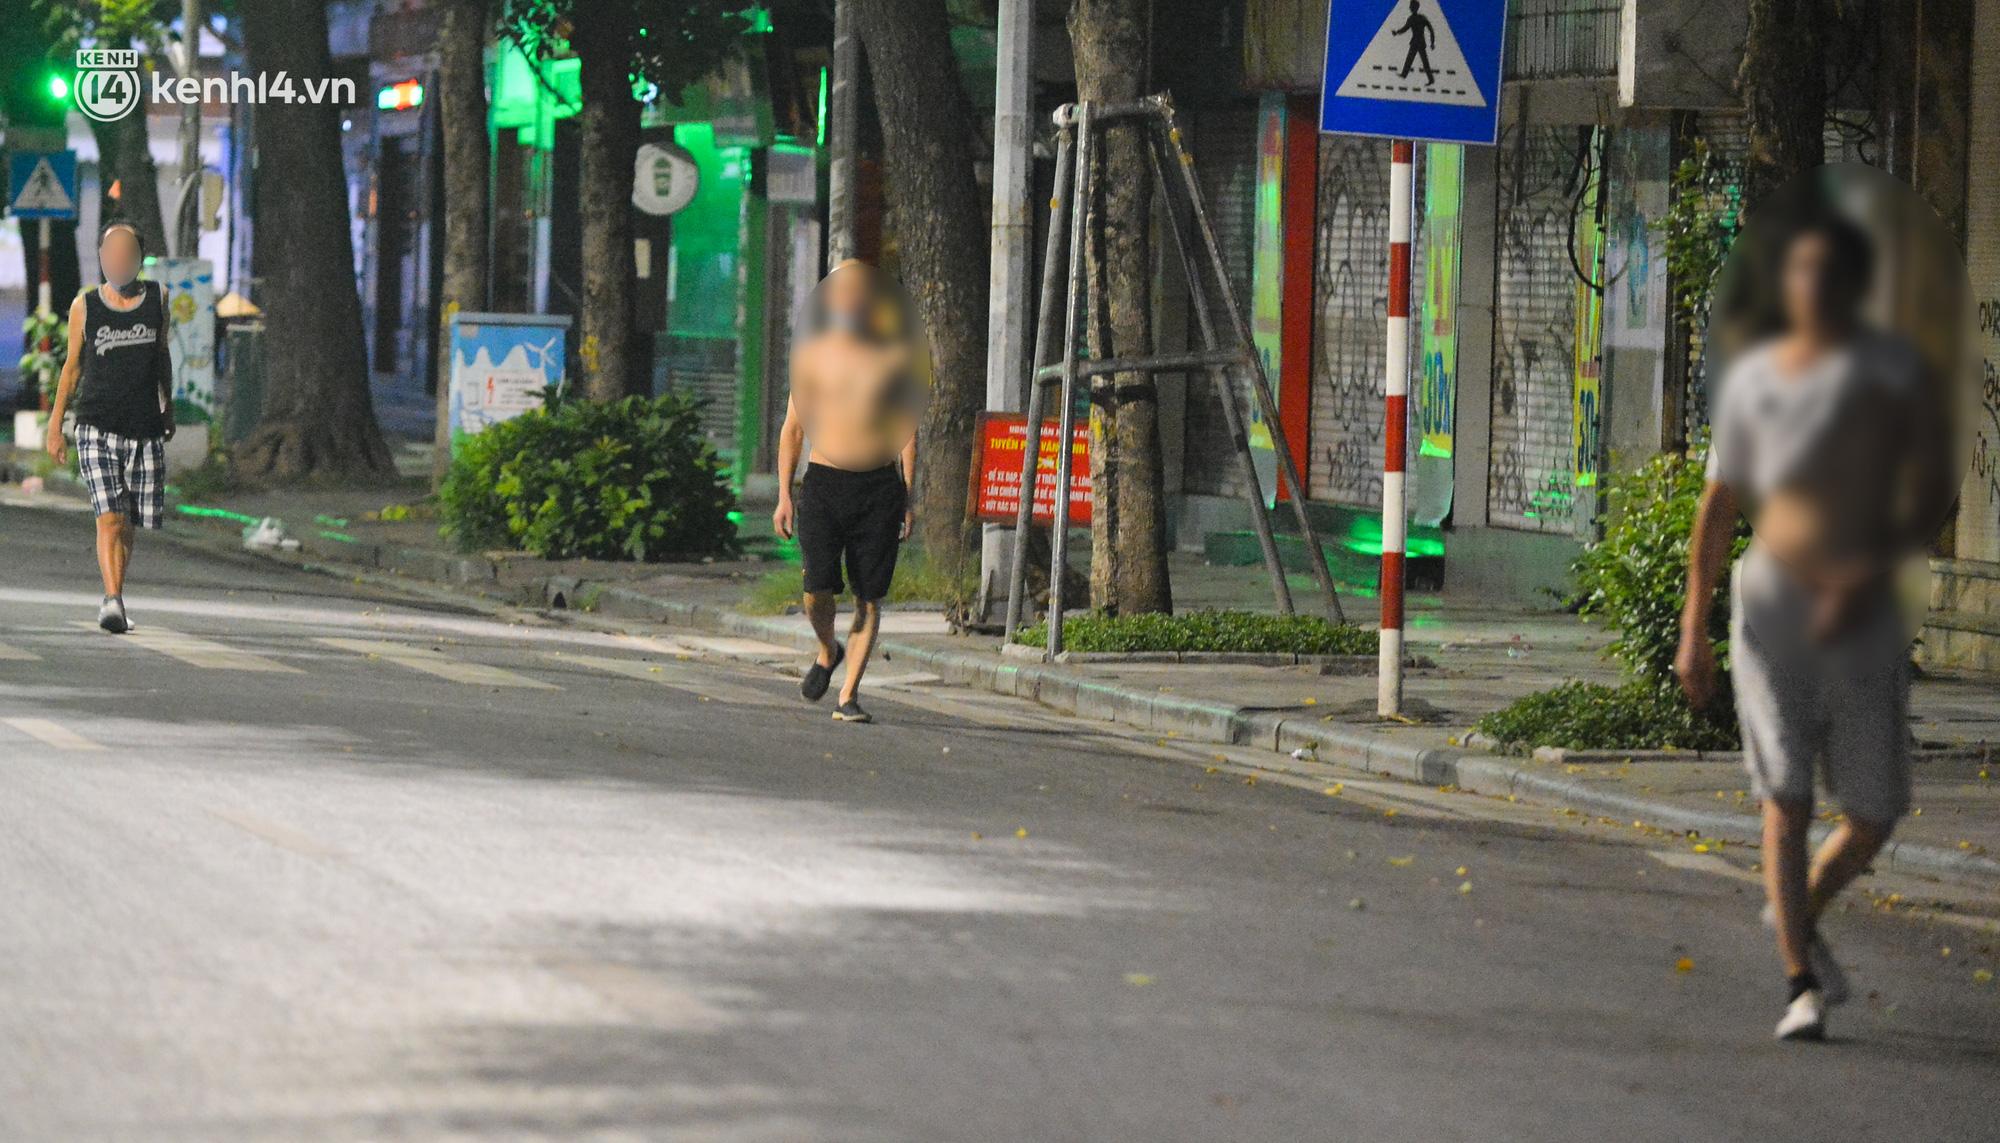 Hà Nội: Người dân né chốt, nửa đêm đến hồ Gươm tập thể dục dù công an canh gác xuyên đêm - Ảnh 14.